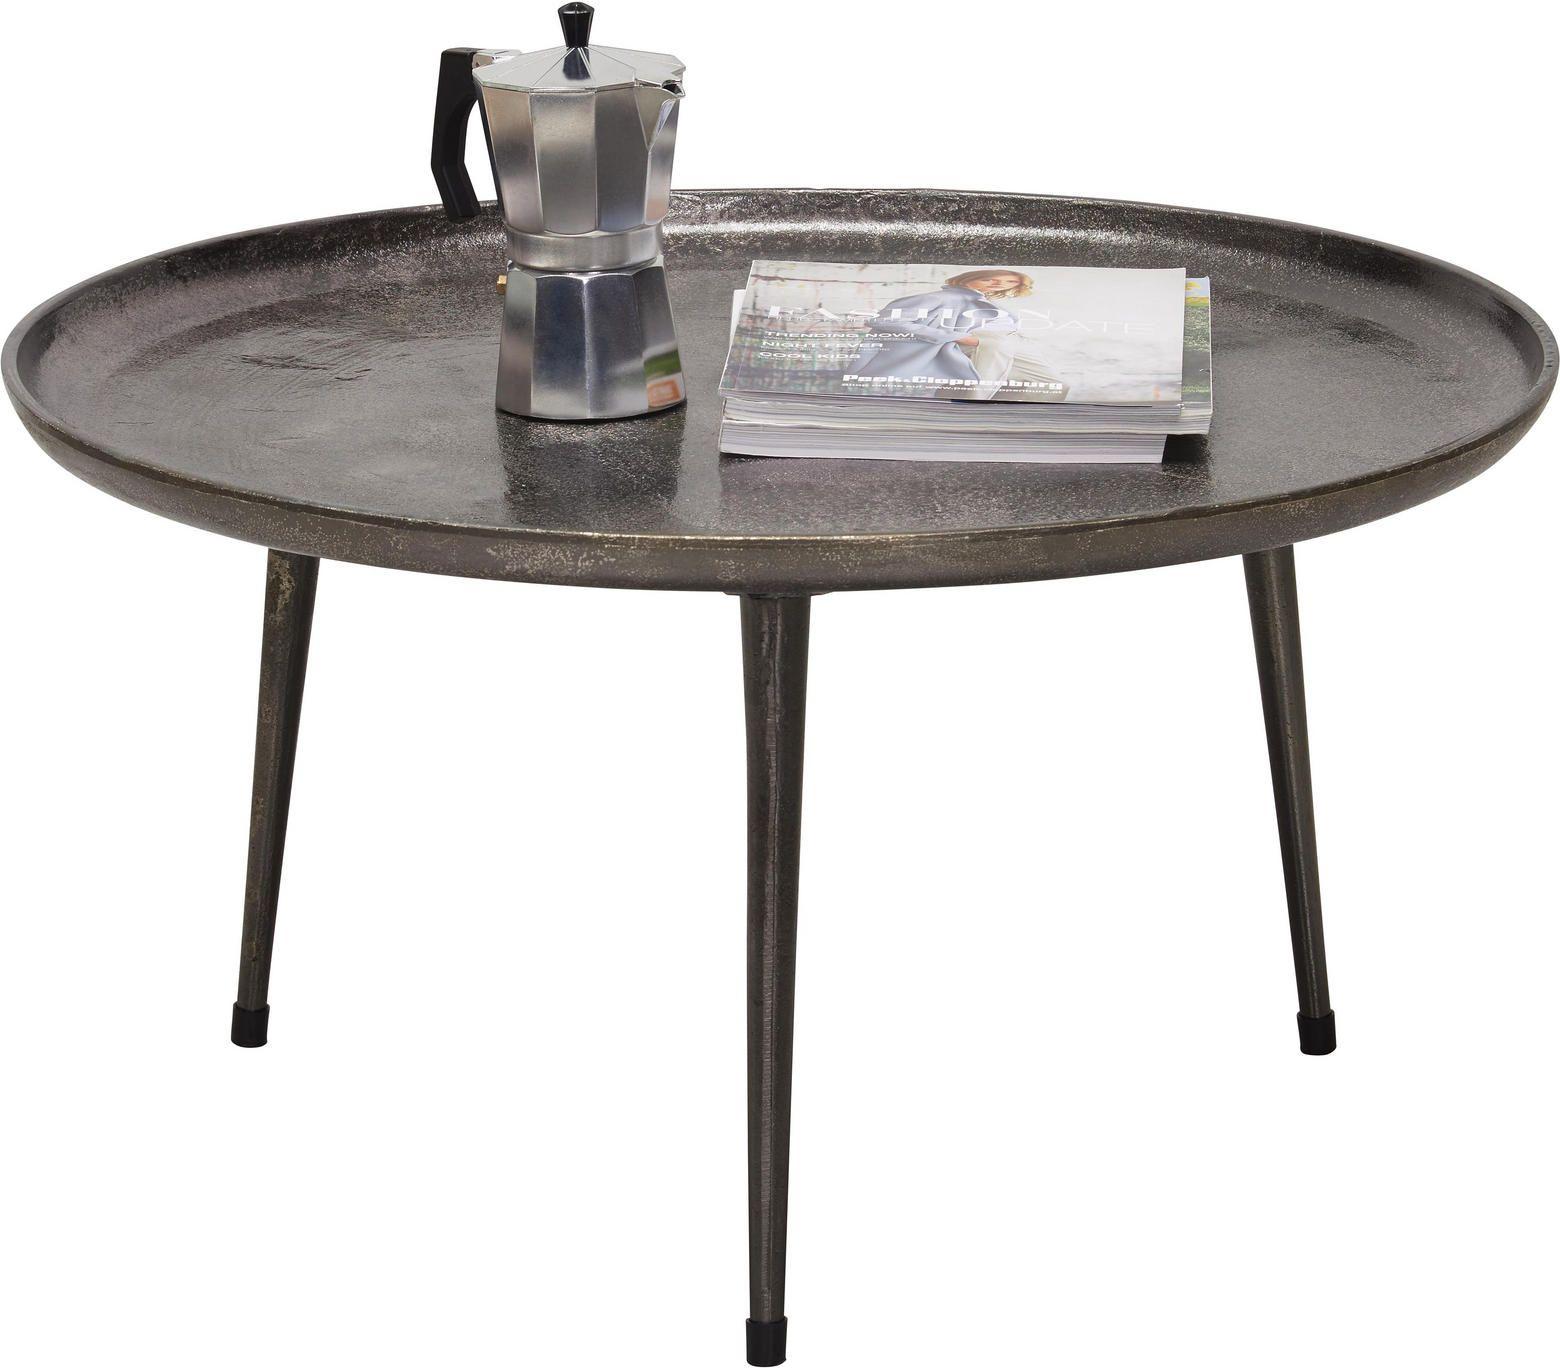 Couchtisch Rund Grau Online Kaufen Xxxlutz Couchtisch Couchtisch Rund Tisch